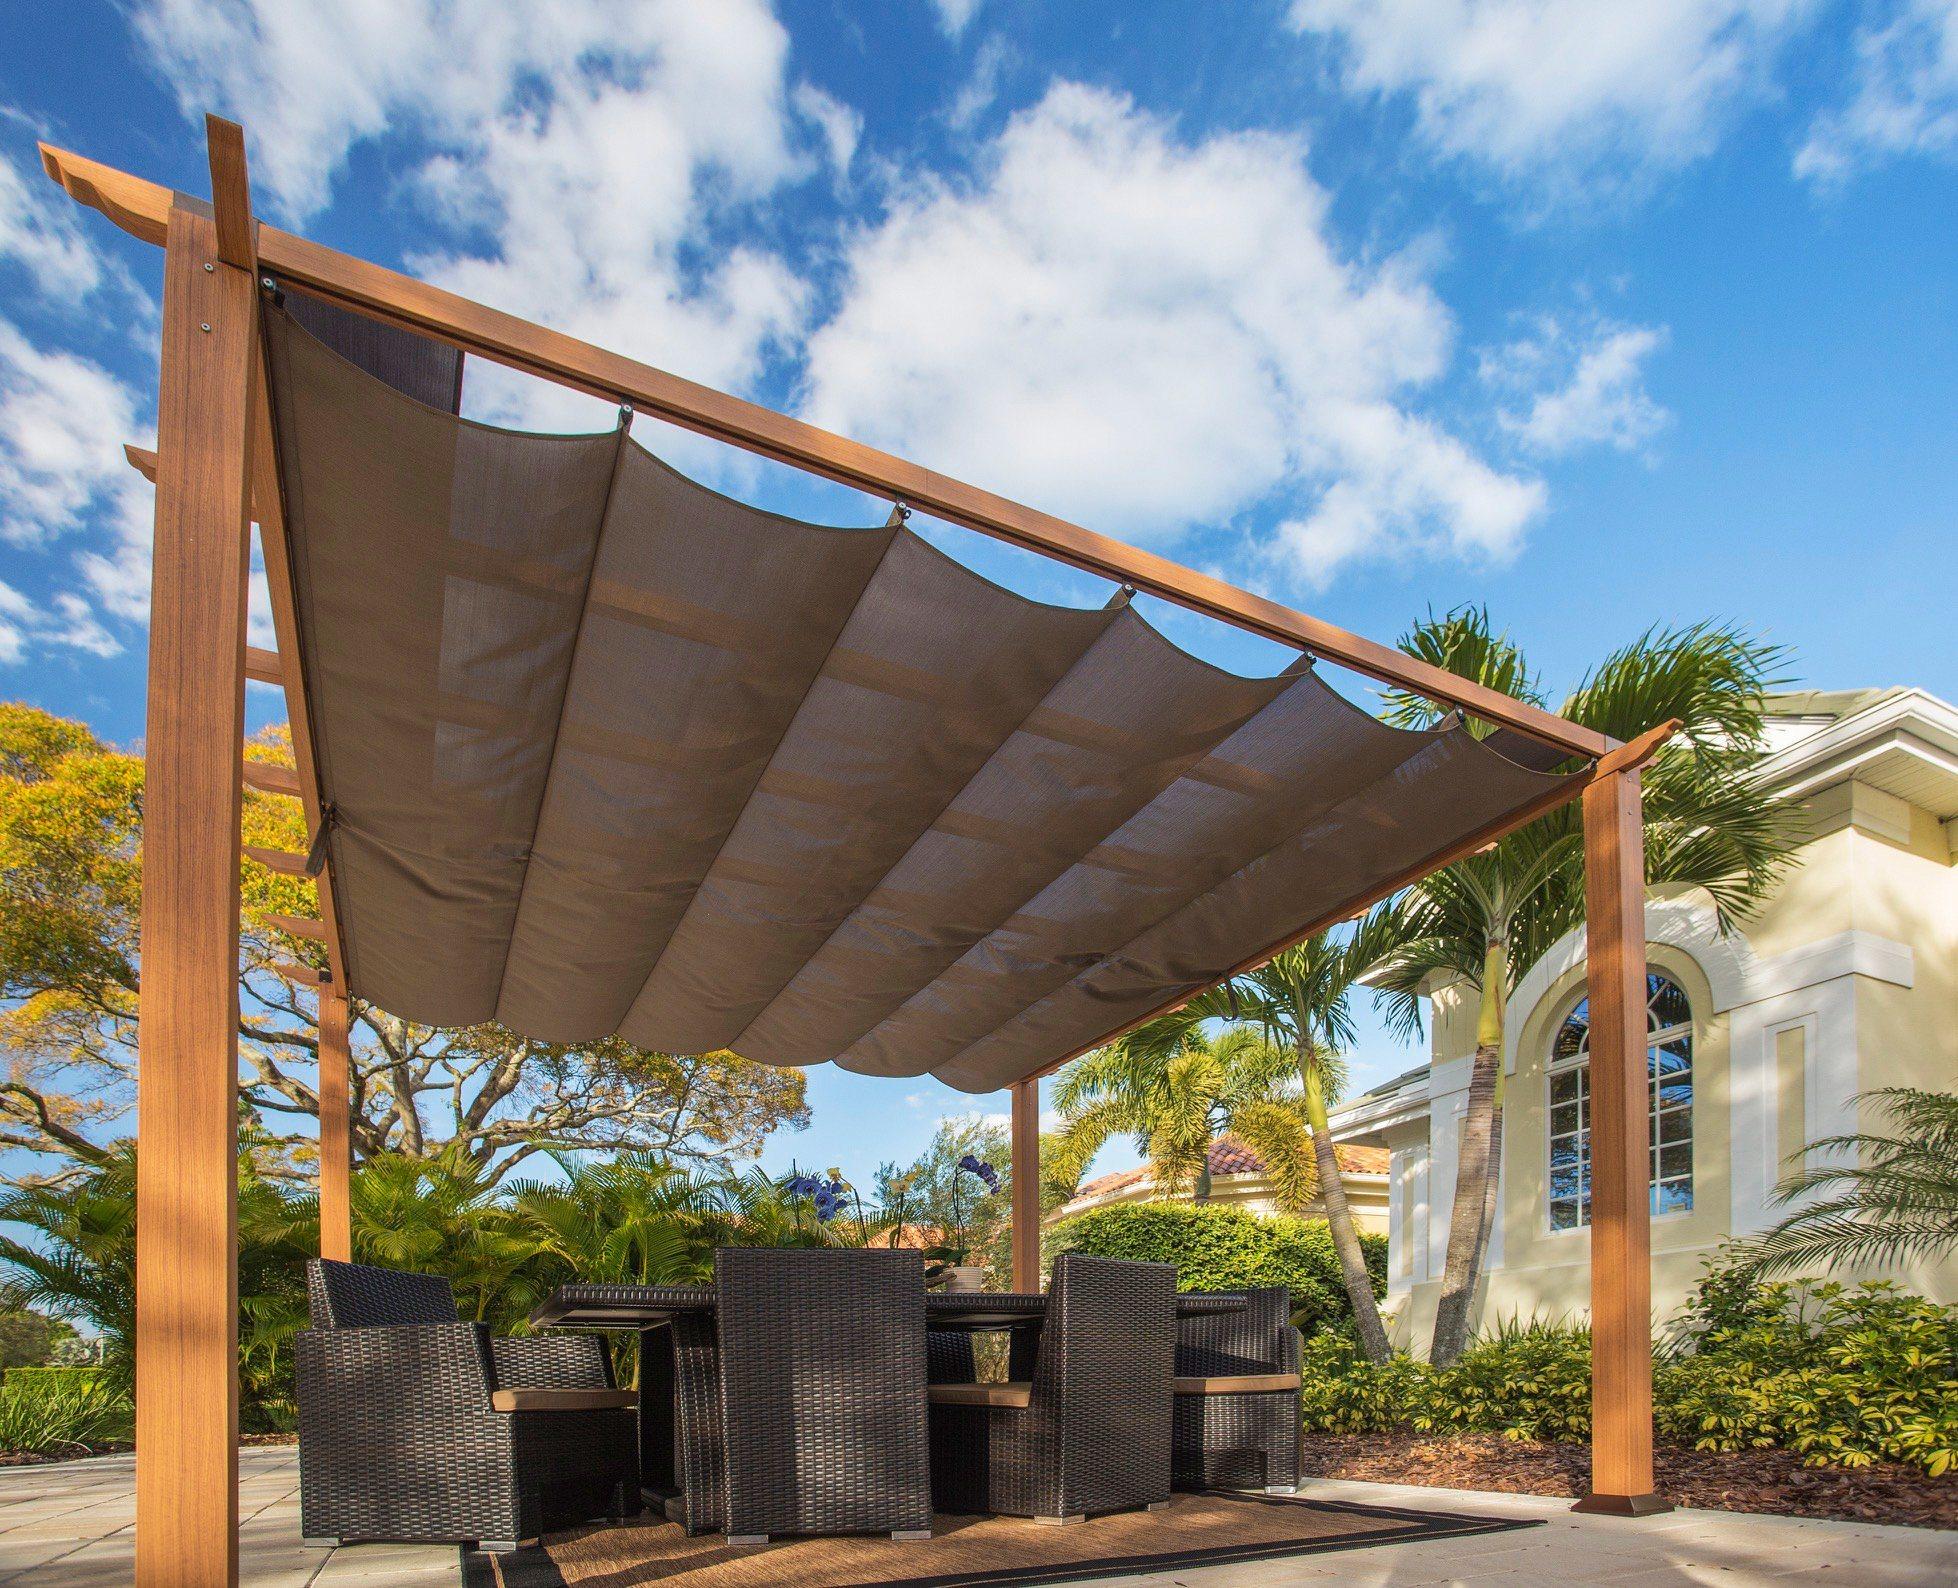 CLEMENS HOBBY TEC Pergola »Florida 11x11«, BxL: 350 x 350 cm, inkl. Sonnensegel | Garten > Sonnenschirme und Markisen > Sonnensegel | Polyester | CLEMENS HOBBY TEC